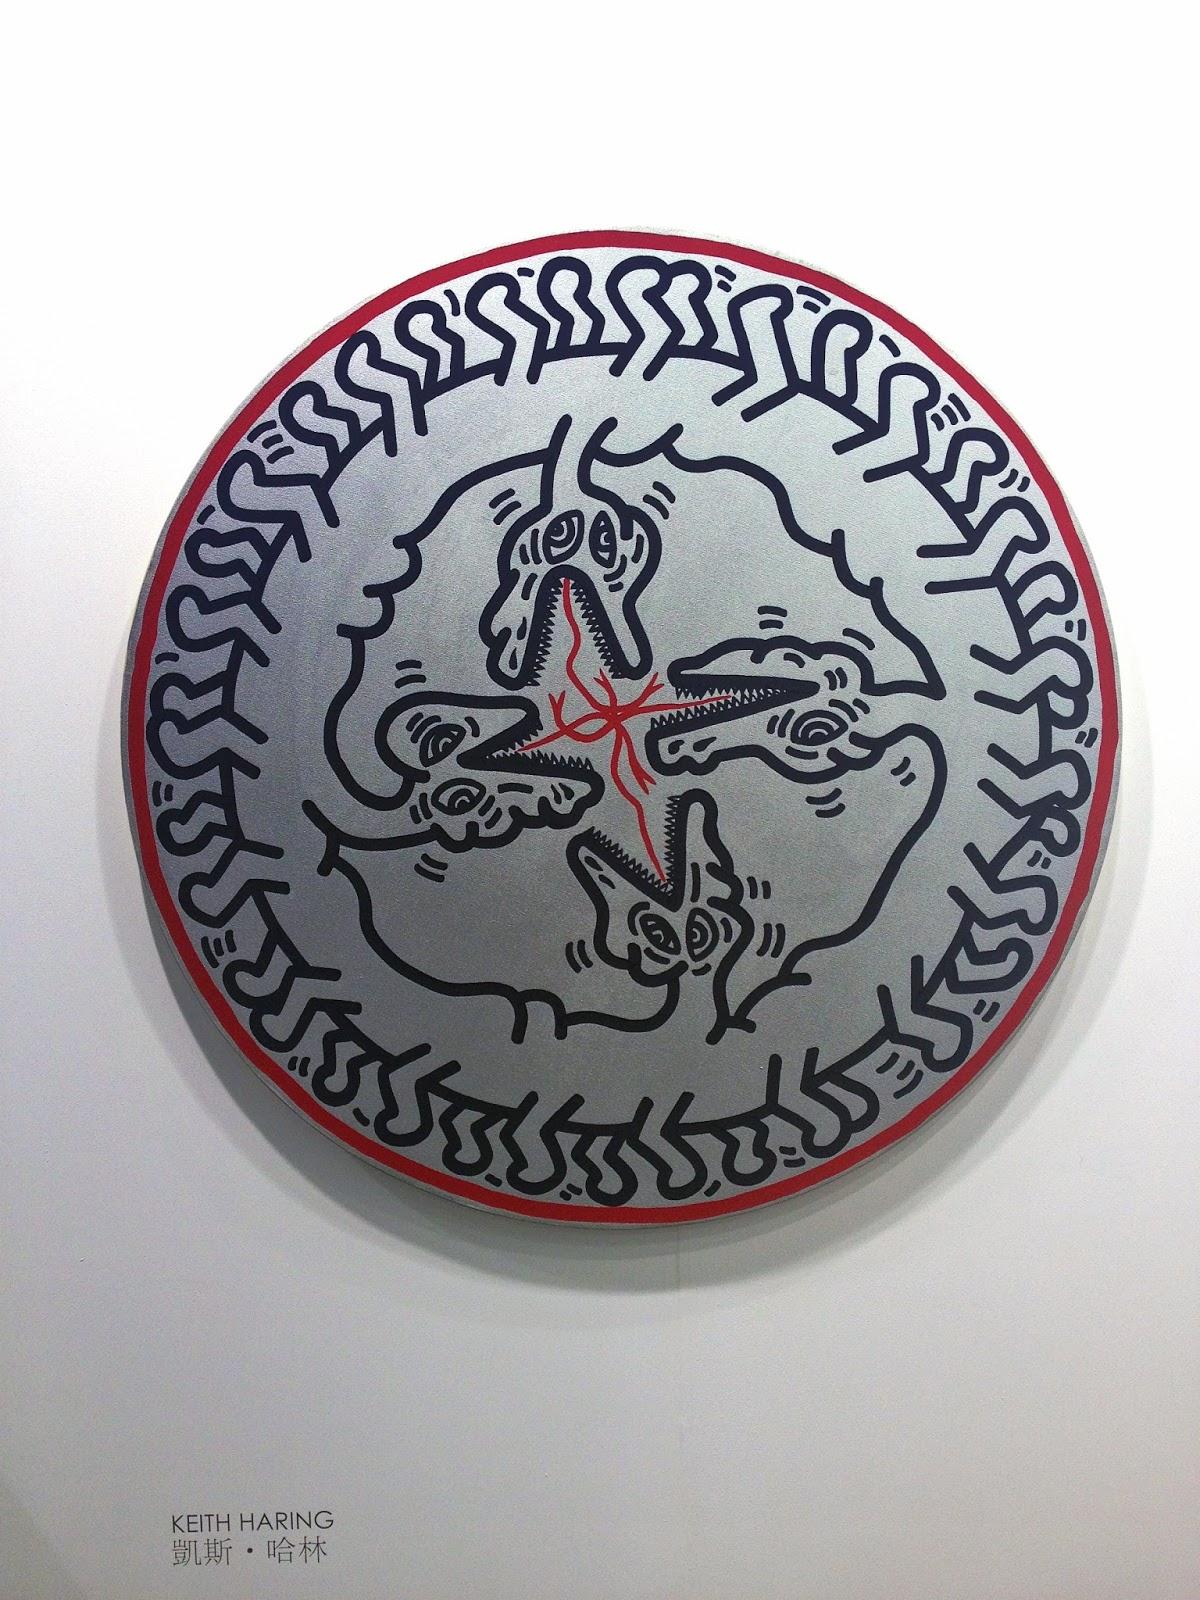 yiweilim, yi wei lim, yiwei lim, keith haring, keith haring art, art basel, art basel hong kong, art basel hk, hk art